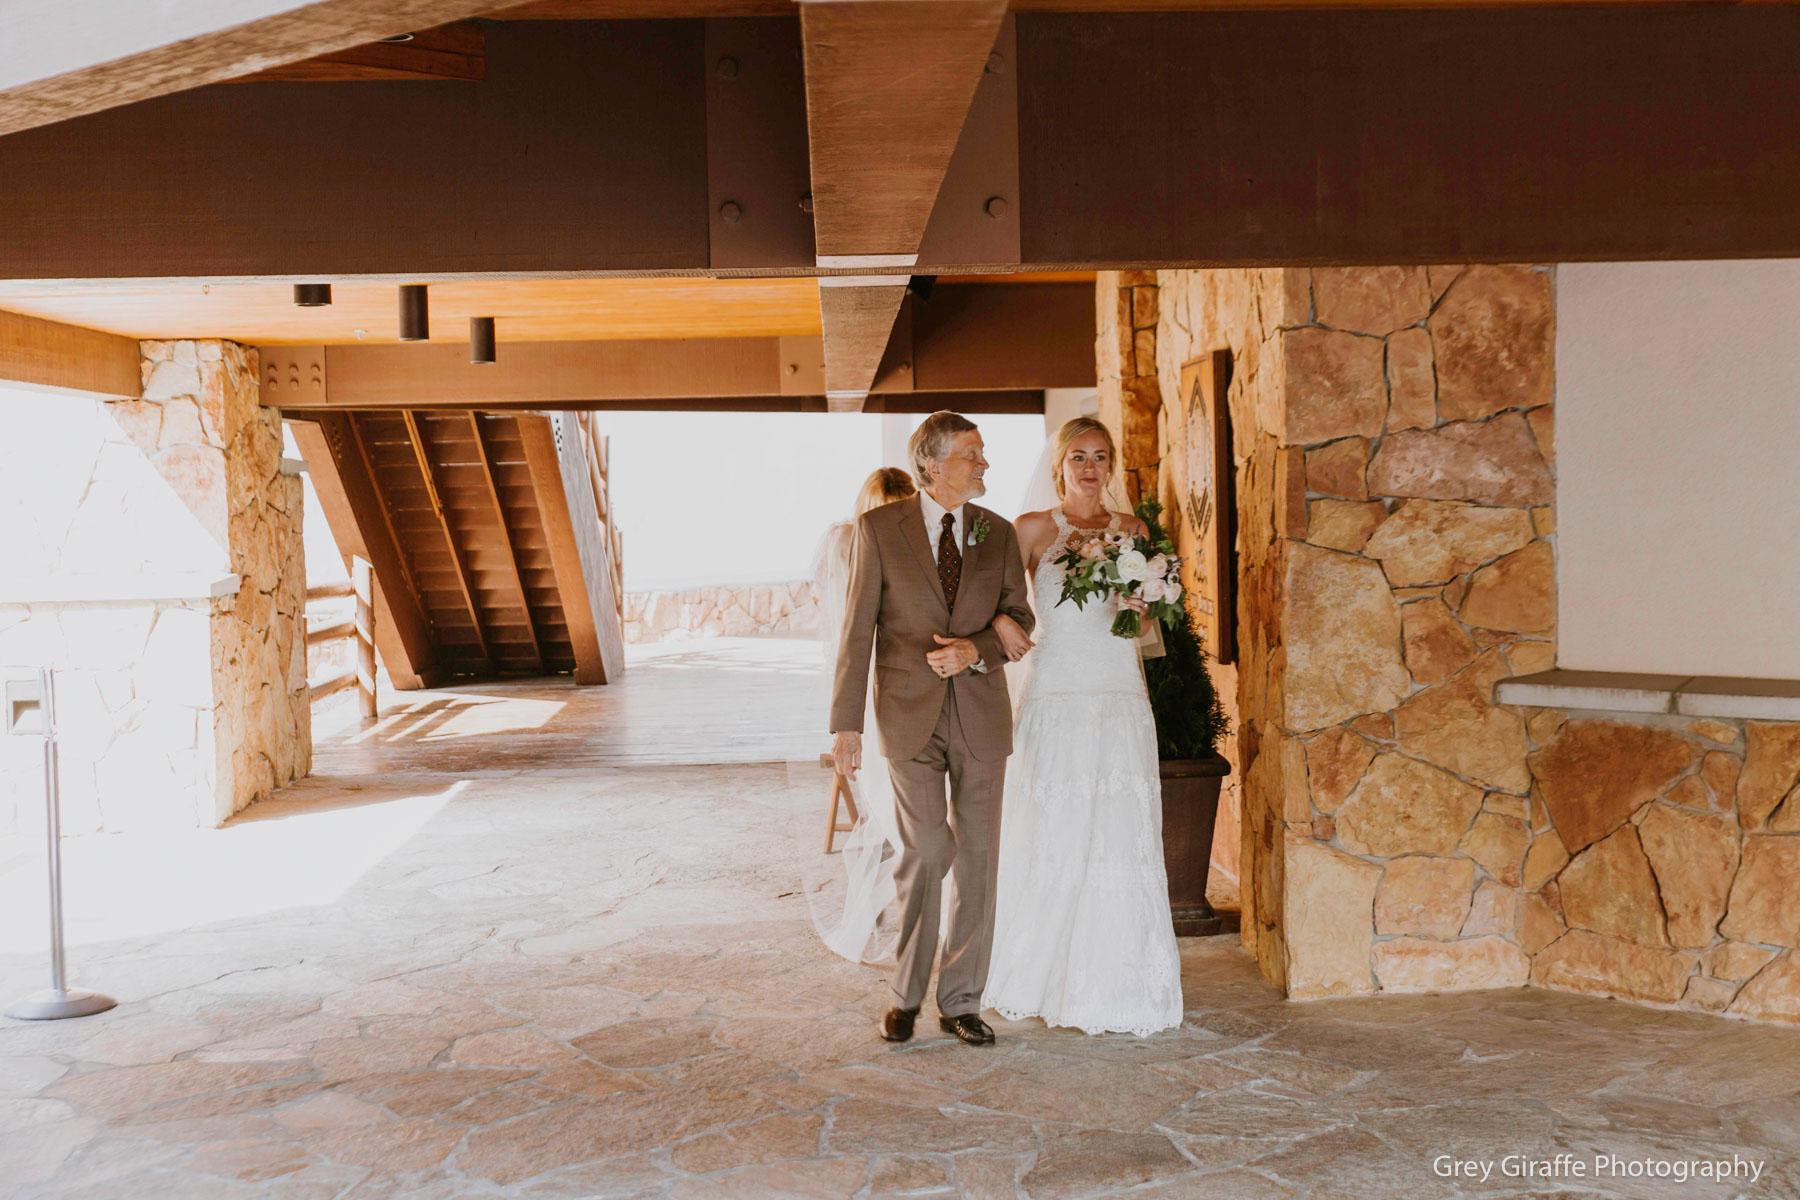 Best Park City Wedding Venue_Winter_Weddings_Stein_Eriksen_Lodge-240.jpg